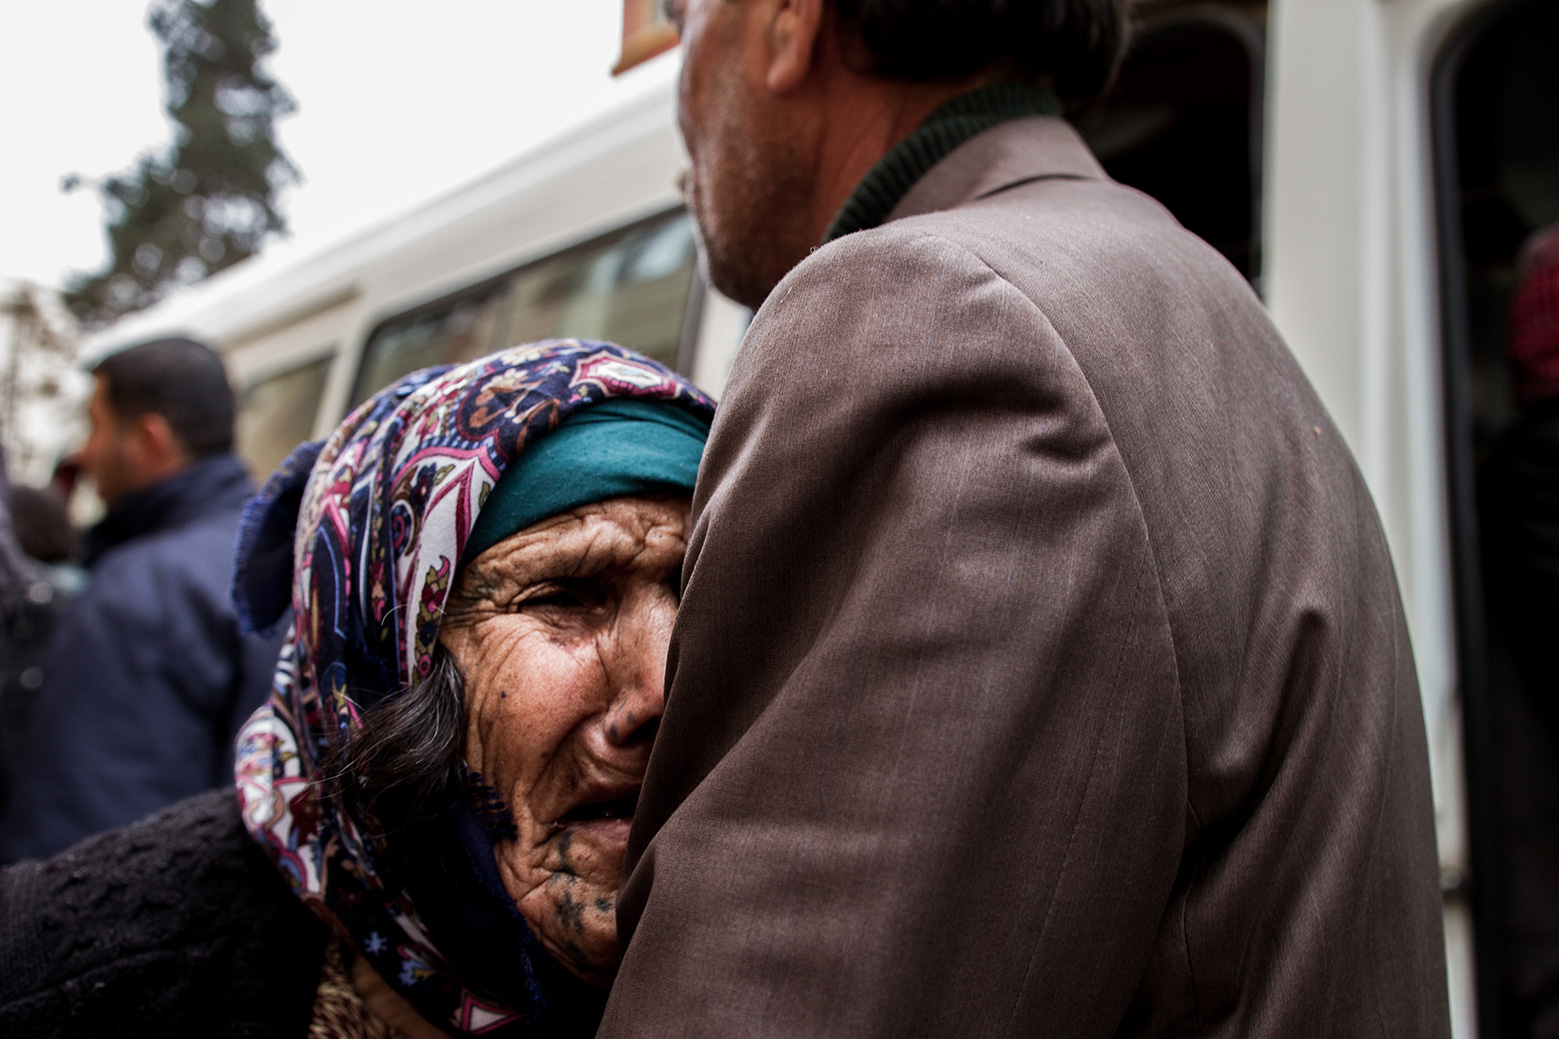 10-sorrow-old-woman-refugee-kobane